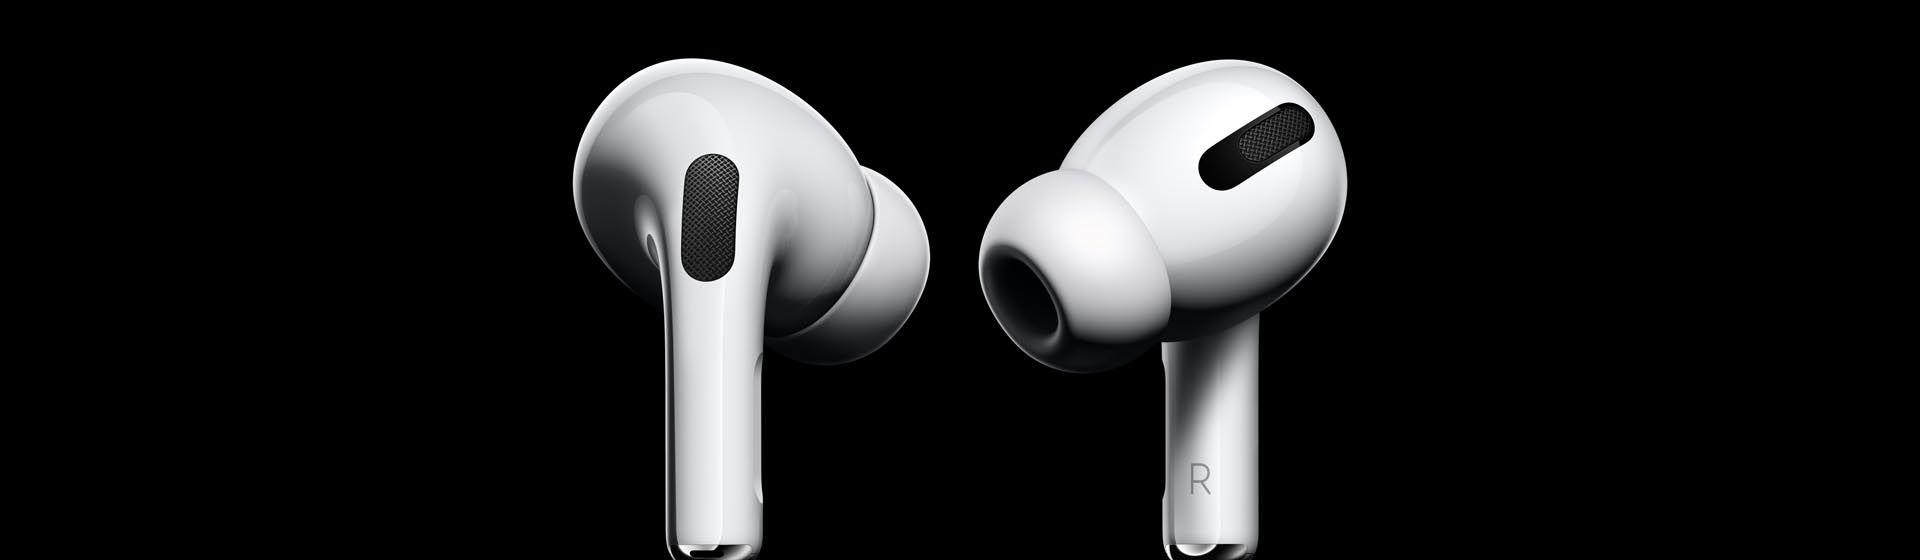 AirPods 3 vs AirPods 2: veja o que muda no novo fone Apple